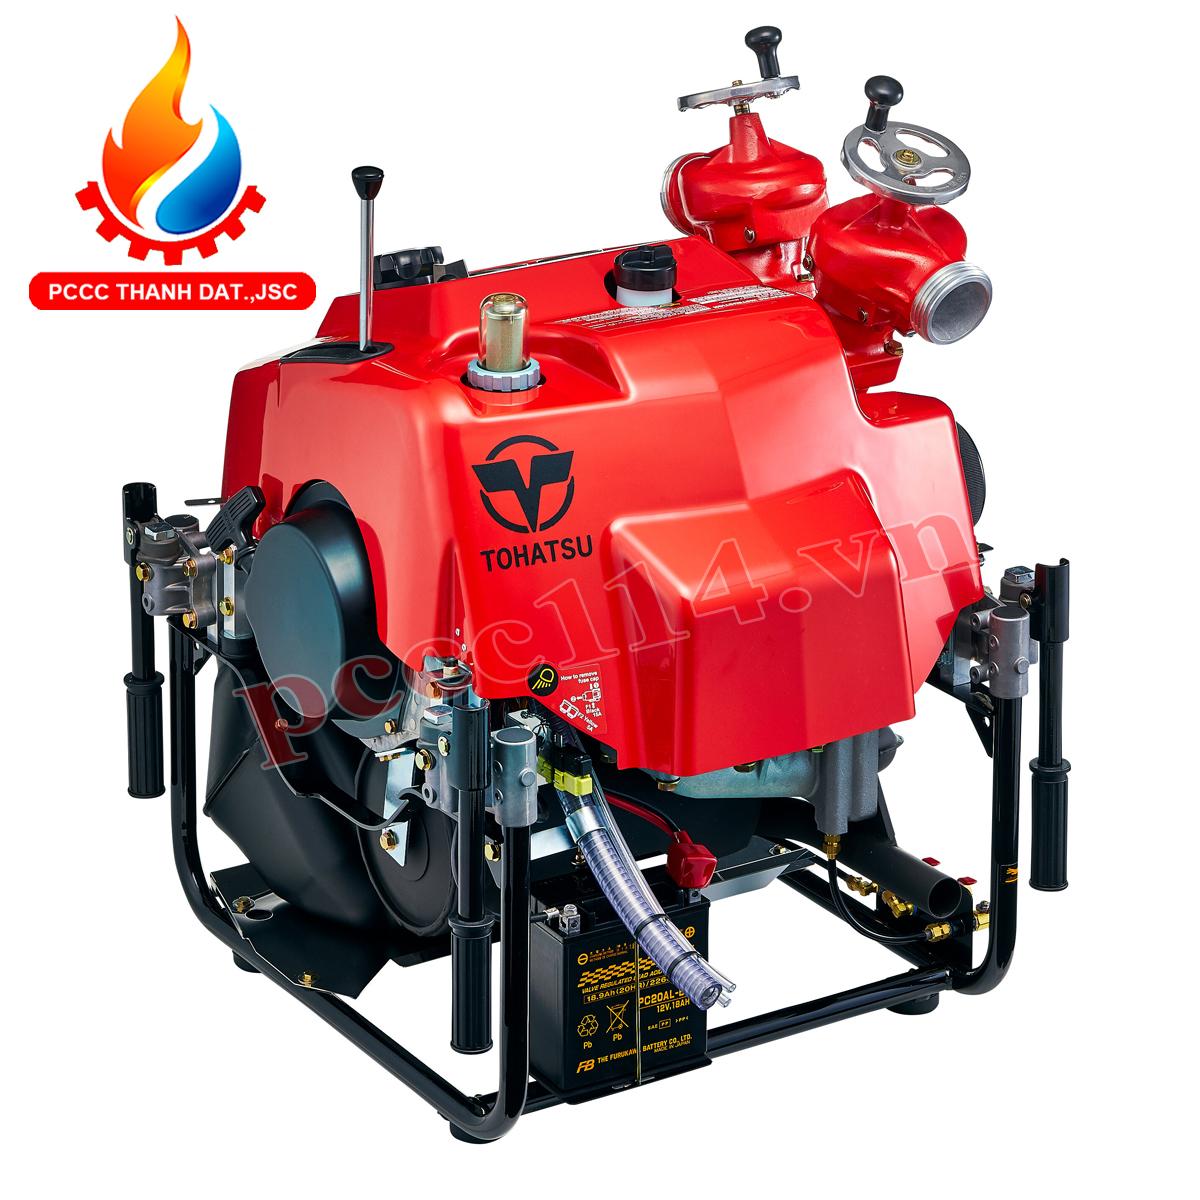 Cách bảo quản máy bơm cứu hỏa Tohatsu trong mùa lạnh